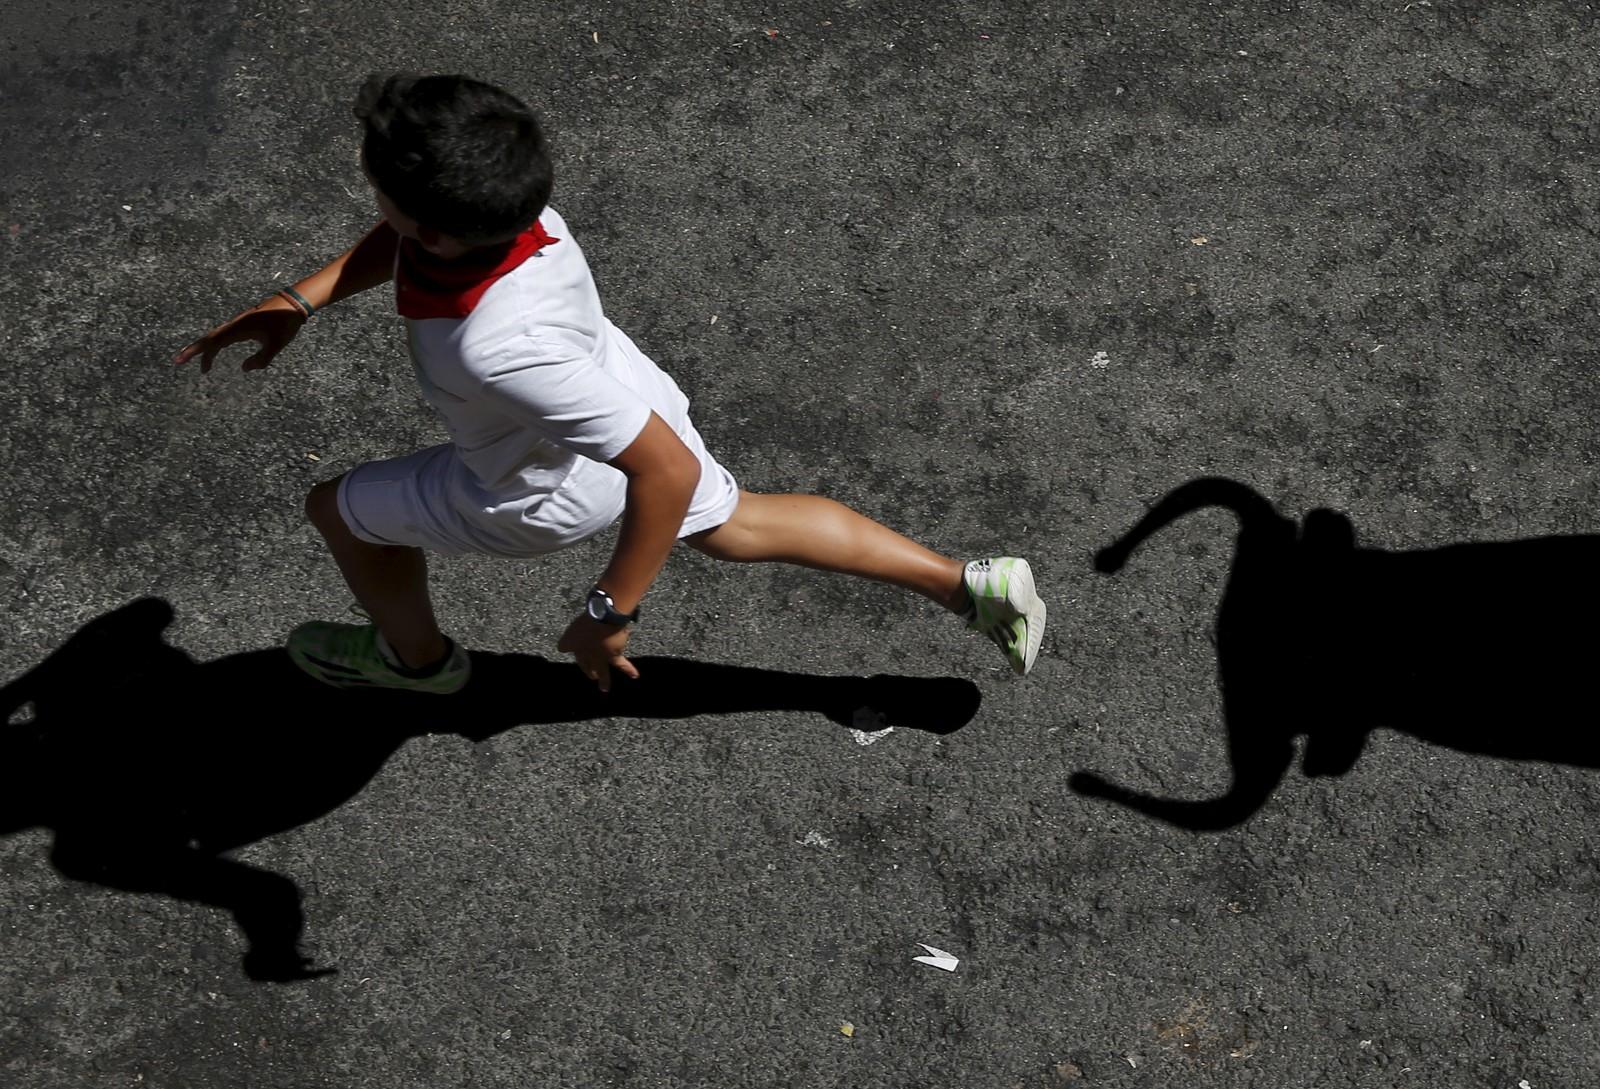 San Fermin-festivalen i Pamplona har også noe for barna. Riktignok er det en lekeokse, men løp er løp.